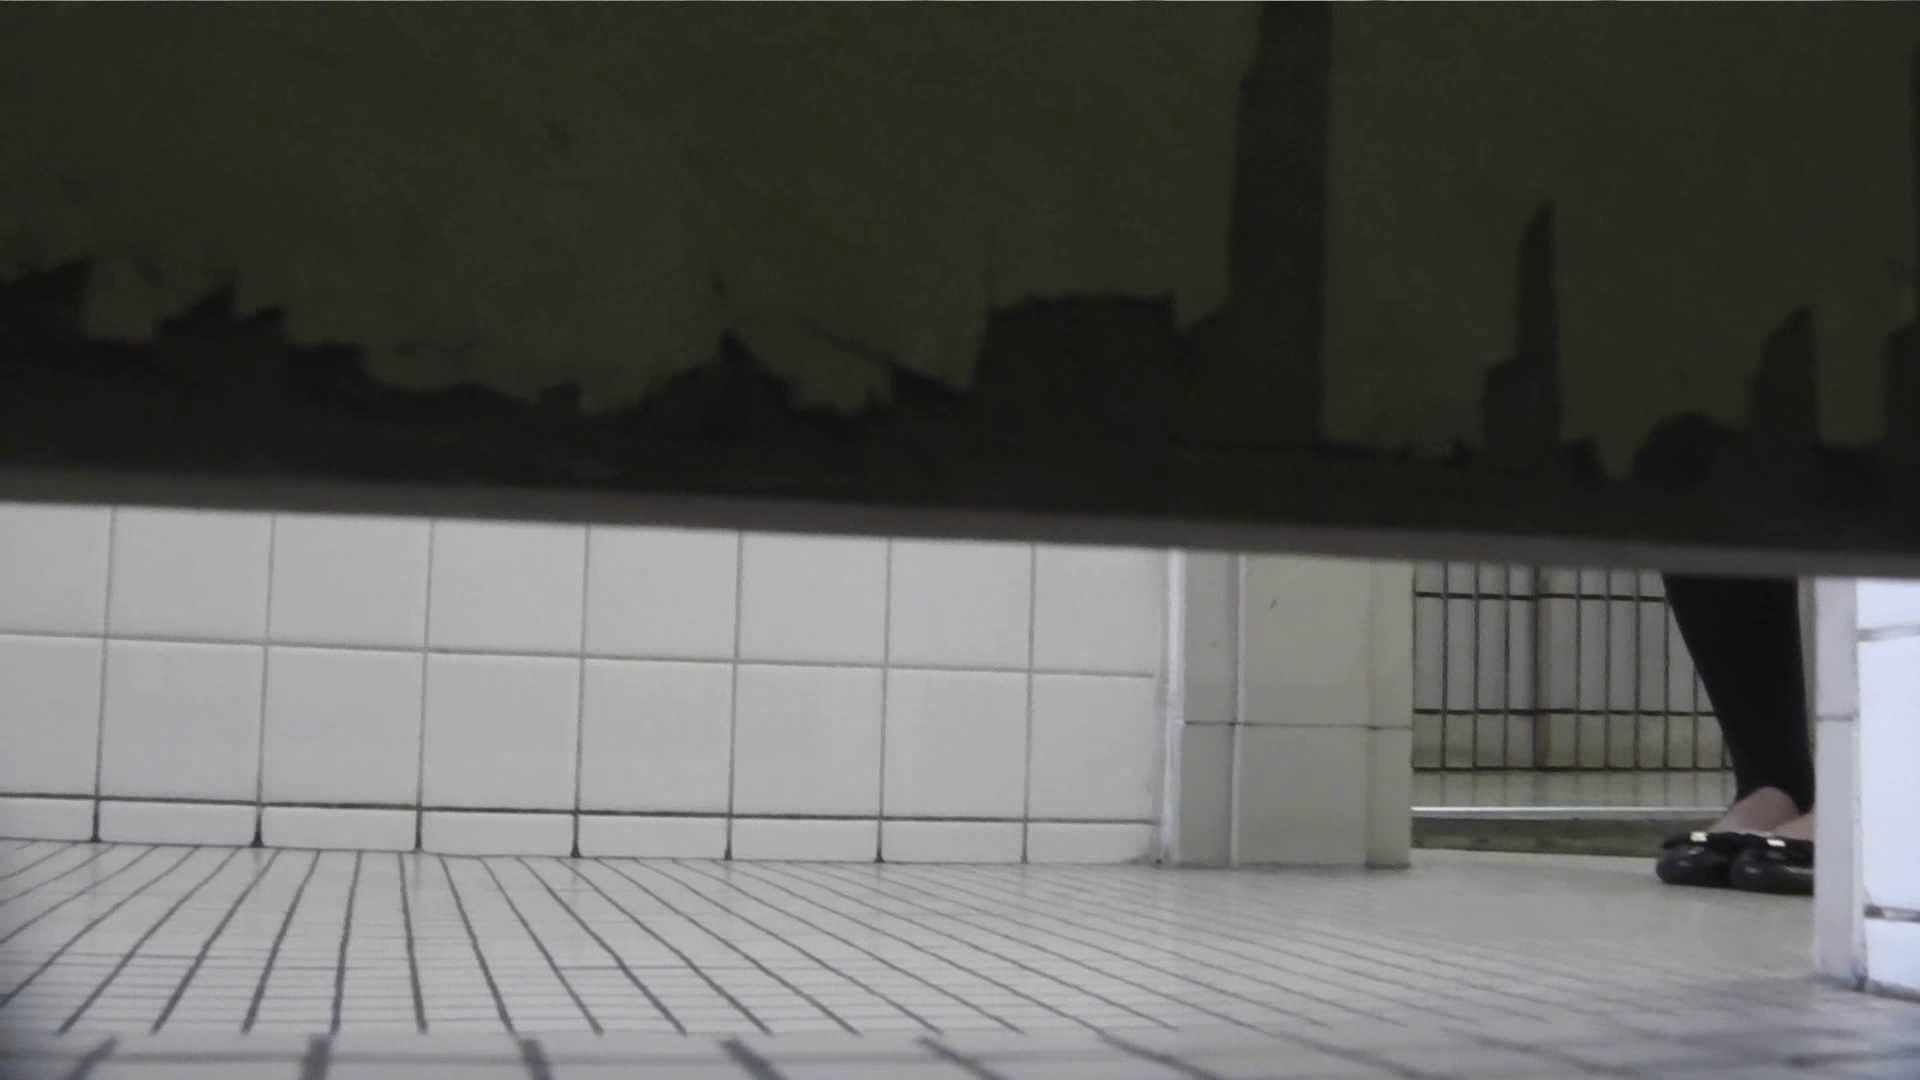 【美しき個室な世界】 vol.018 ピンクのおネエタン OLの実態 | 洗面所  52pic 39